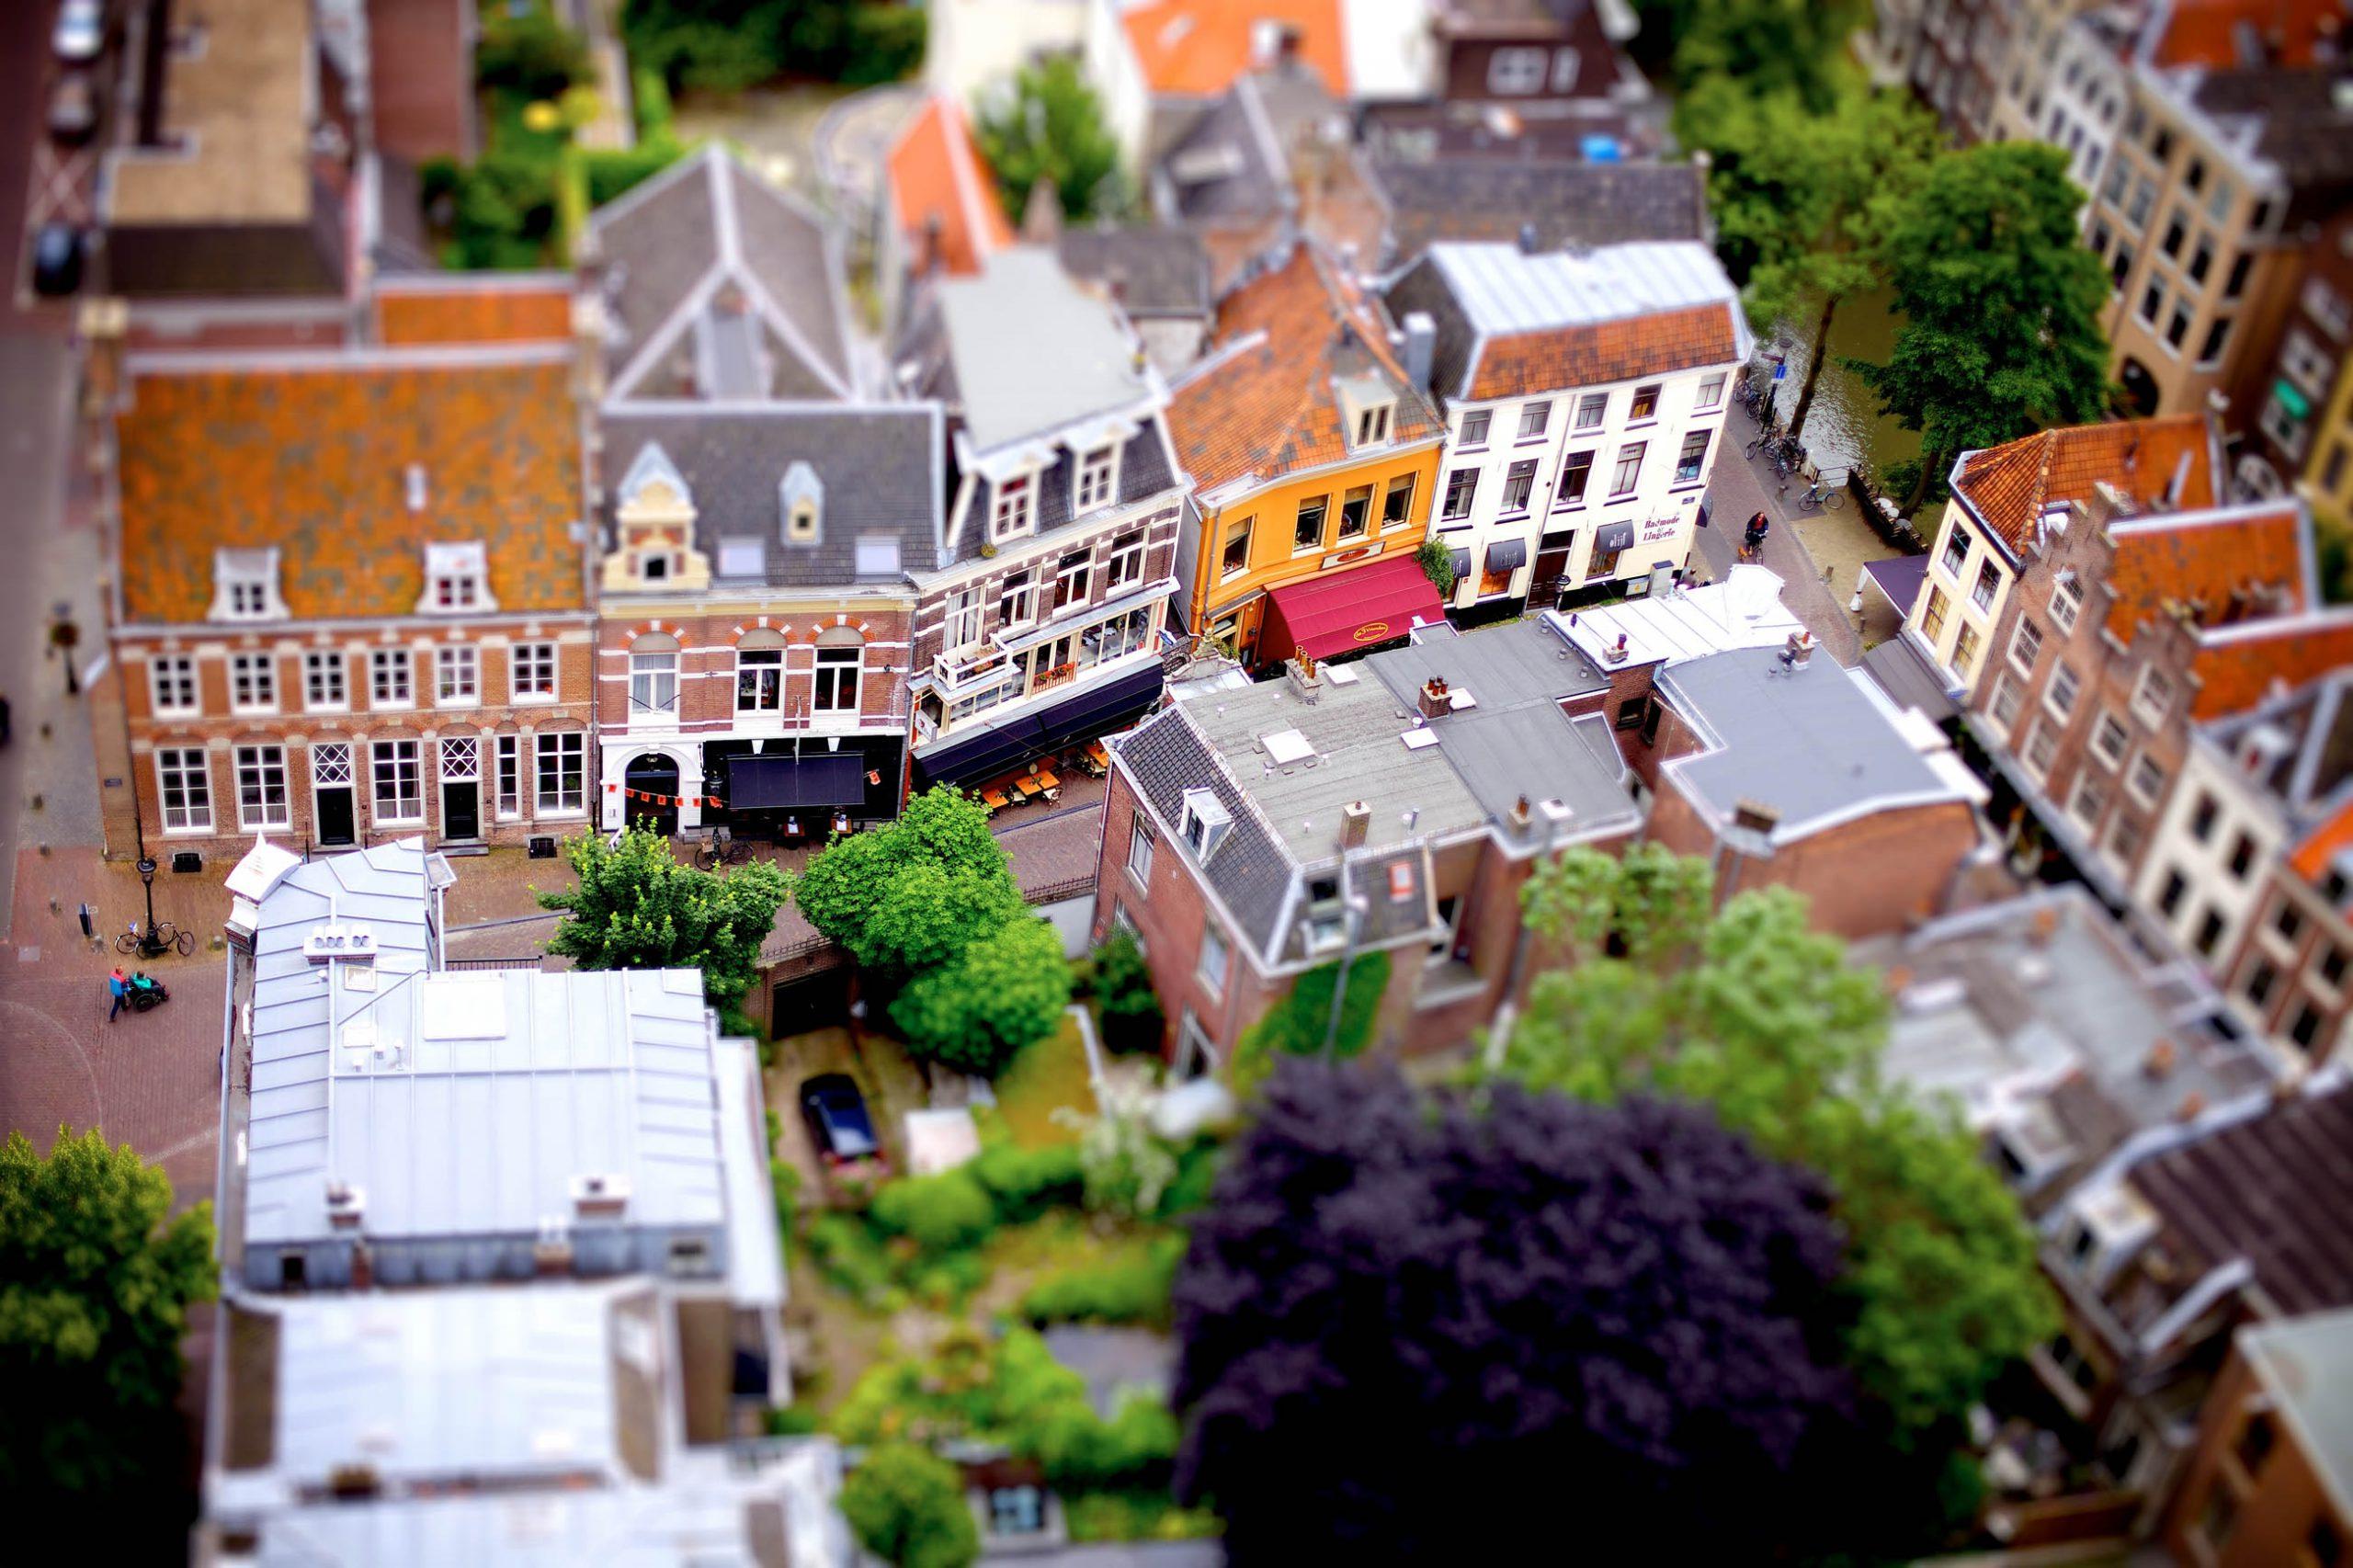 <p>Uttrecht, Netherlands</p>